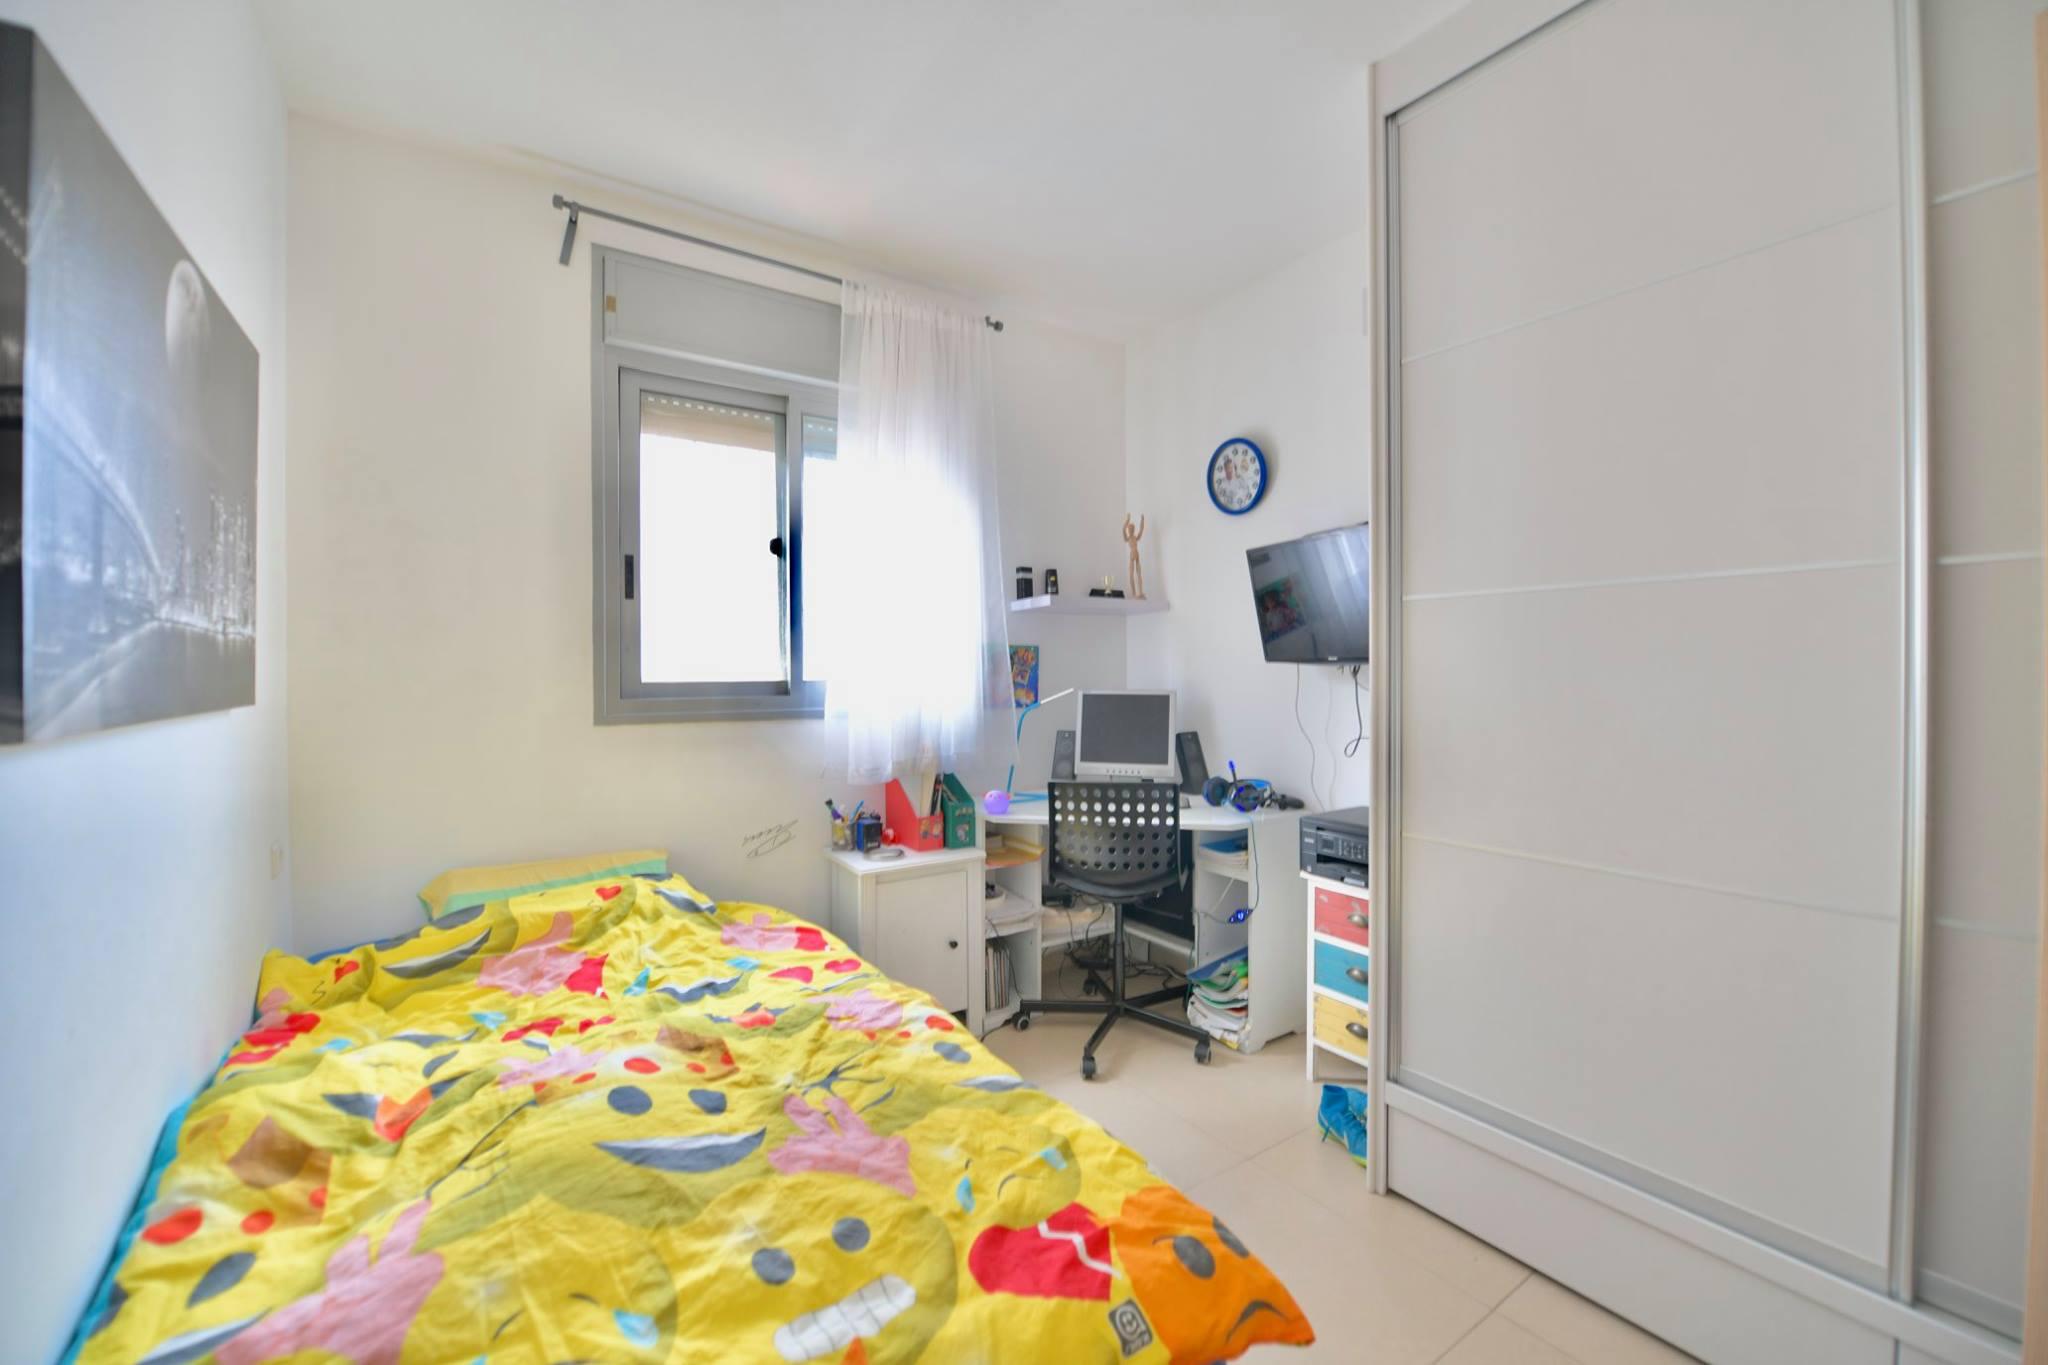 דירת 5 חדרים במקס שיין רחובות (1)